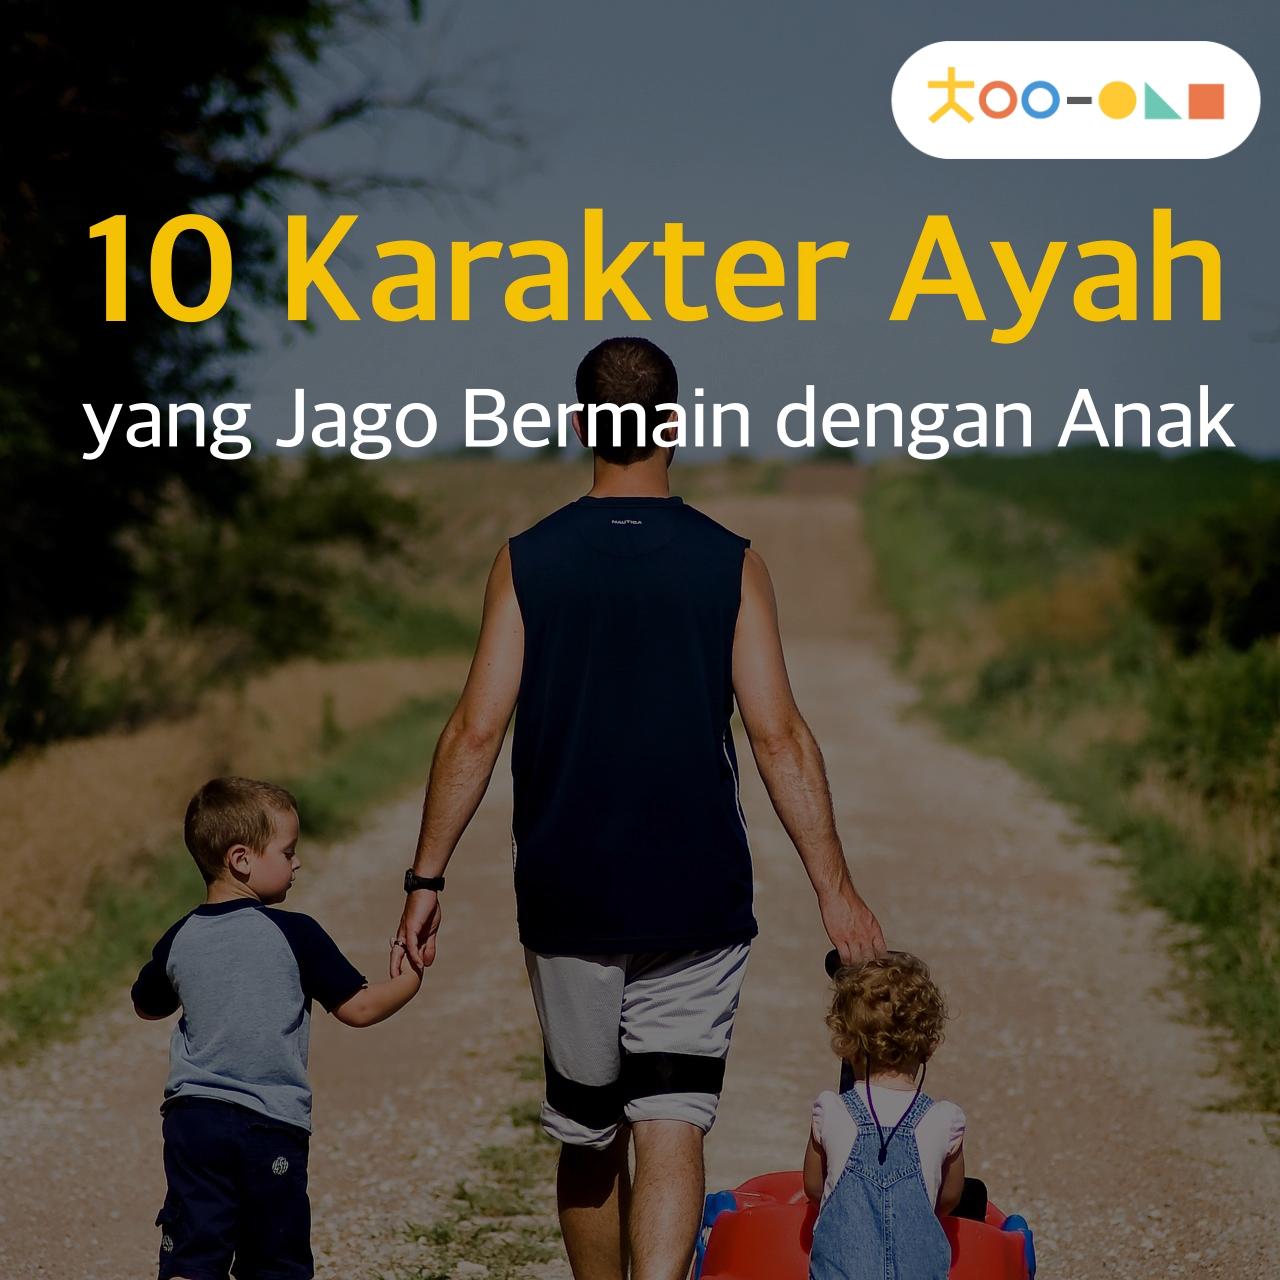 Video 10 Karakter Ayah Yang Jago Bermain Dengan Anak Psikologi Perkembangan Disiplin Anak Pendidikan